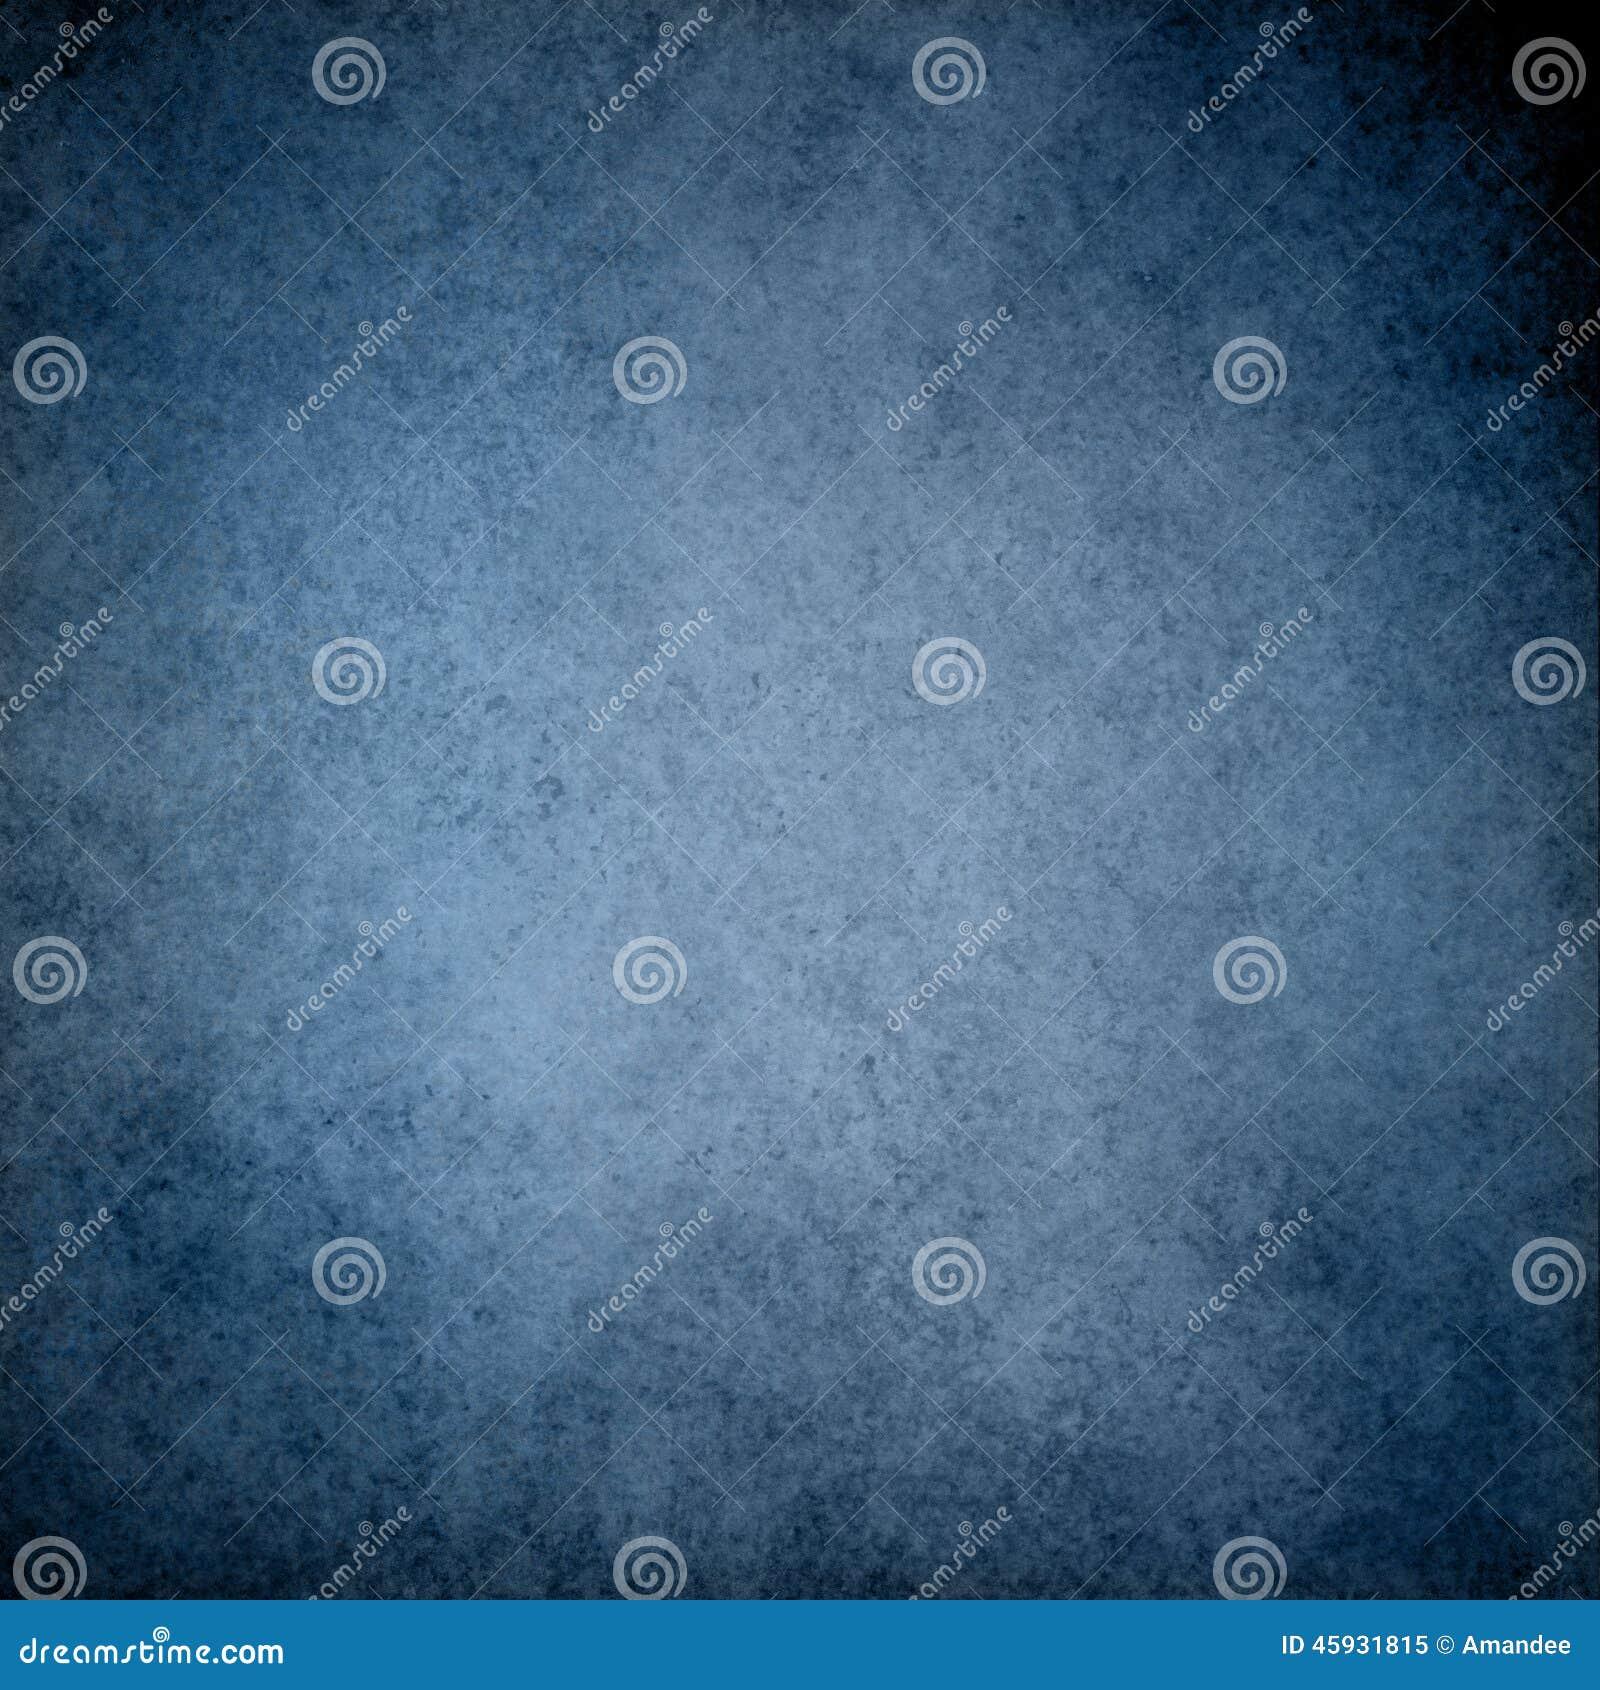 Fondo azul con diseño de la frontera de la textura del vintage del grunge y el centro azul claro